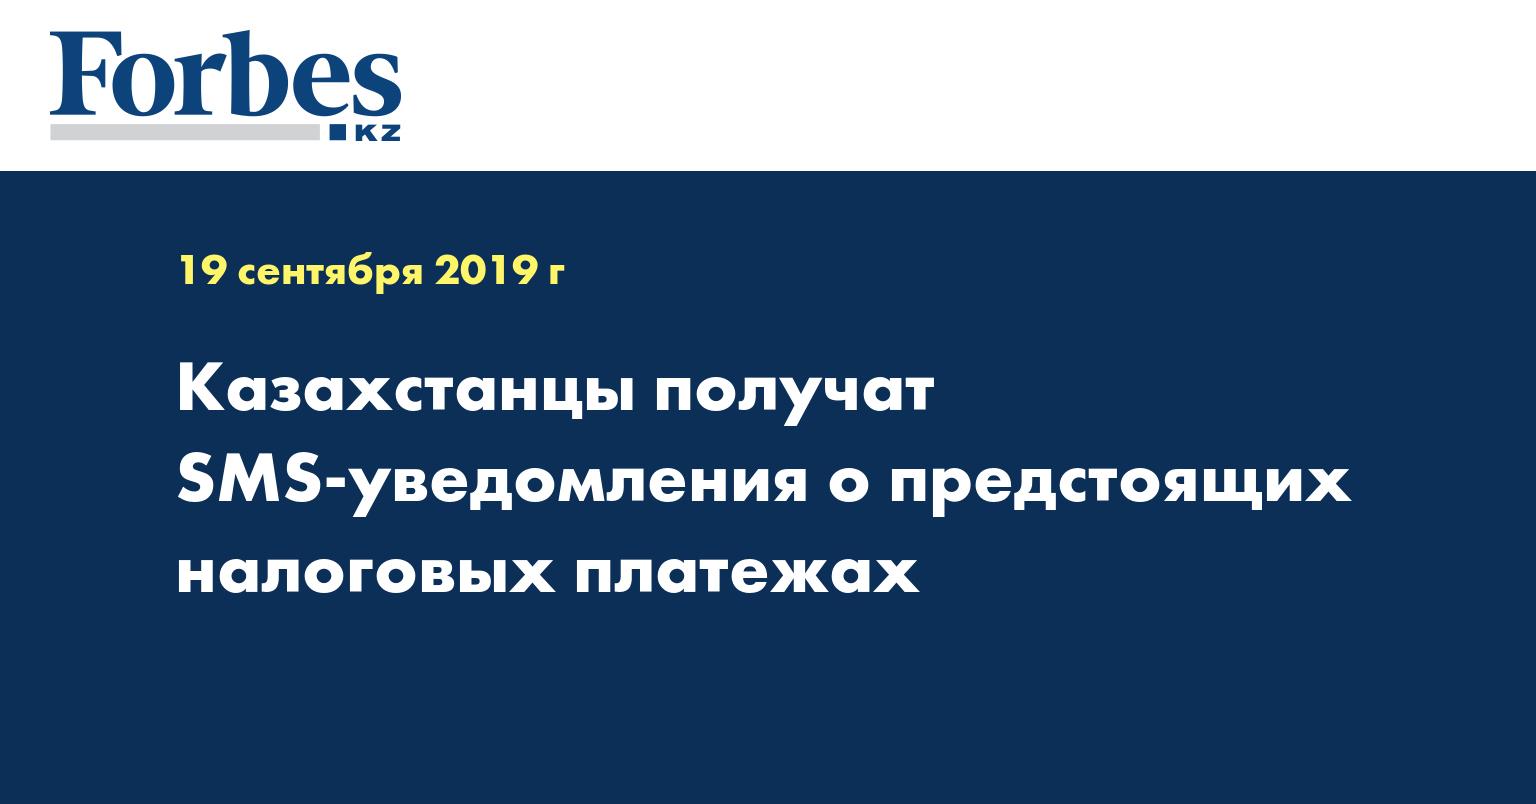 Казахстанцы получат SMS-уведомления о предстоящих налоговых платежах